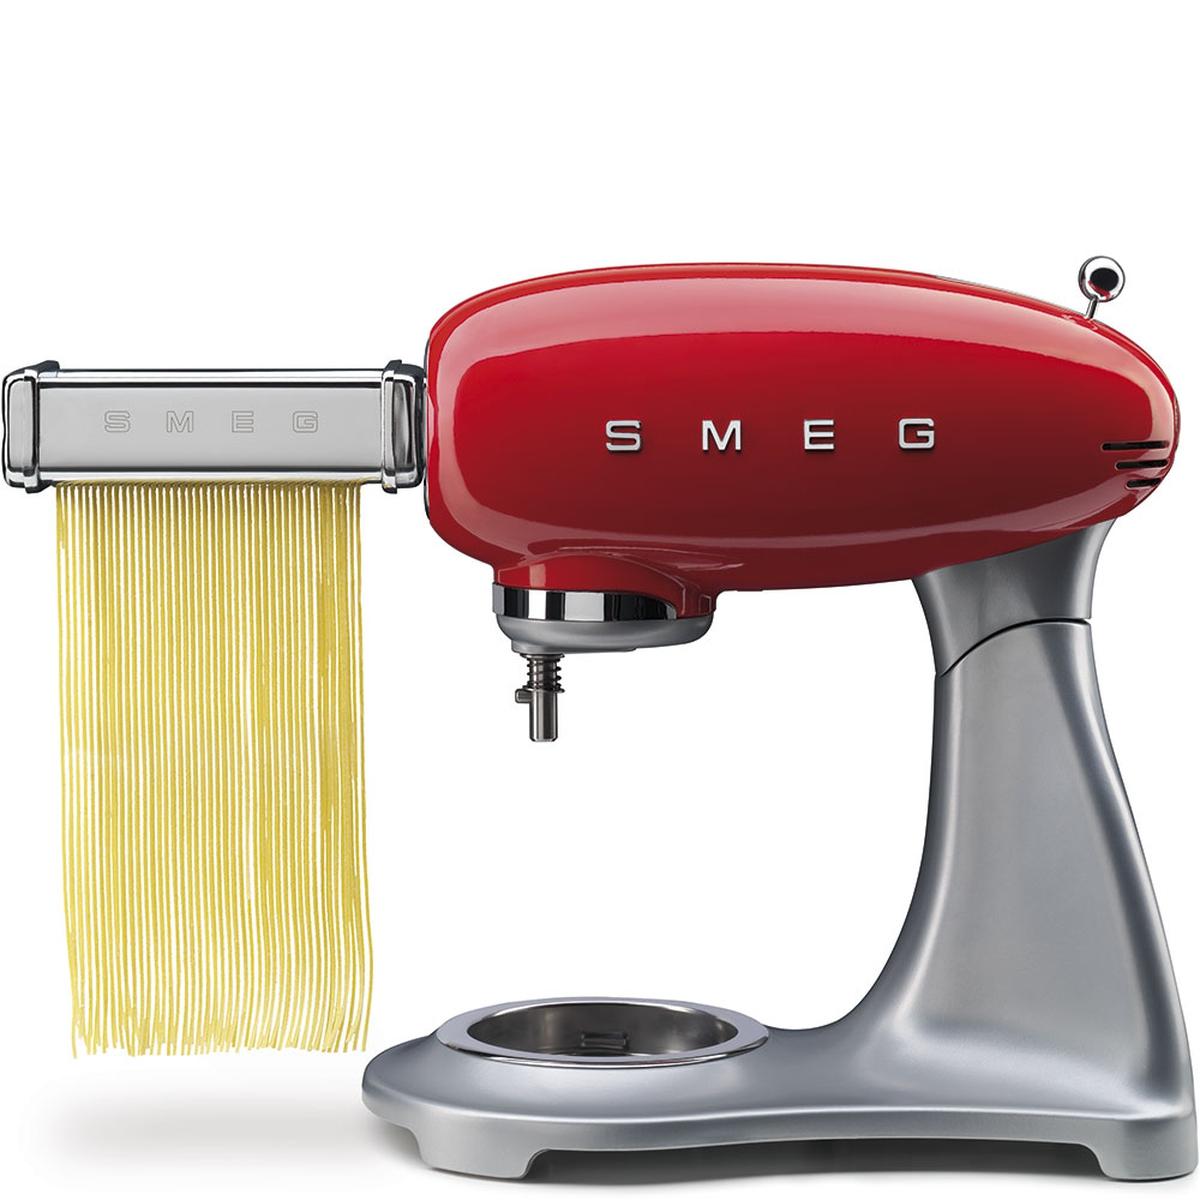 Smeg pastavals / spaghettikutterSMSC01